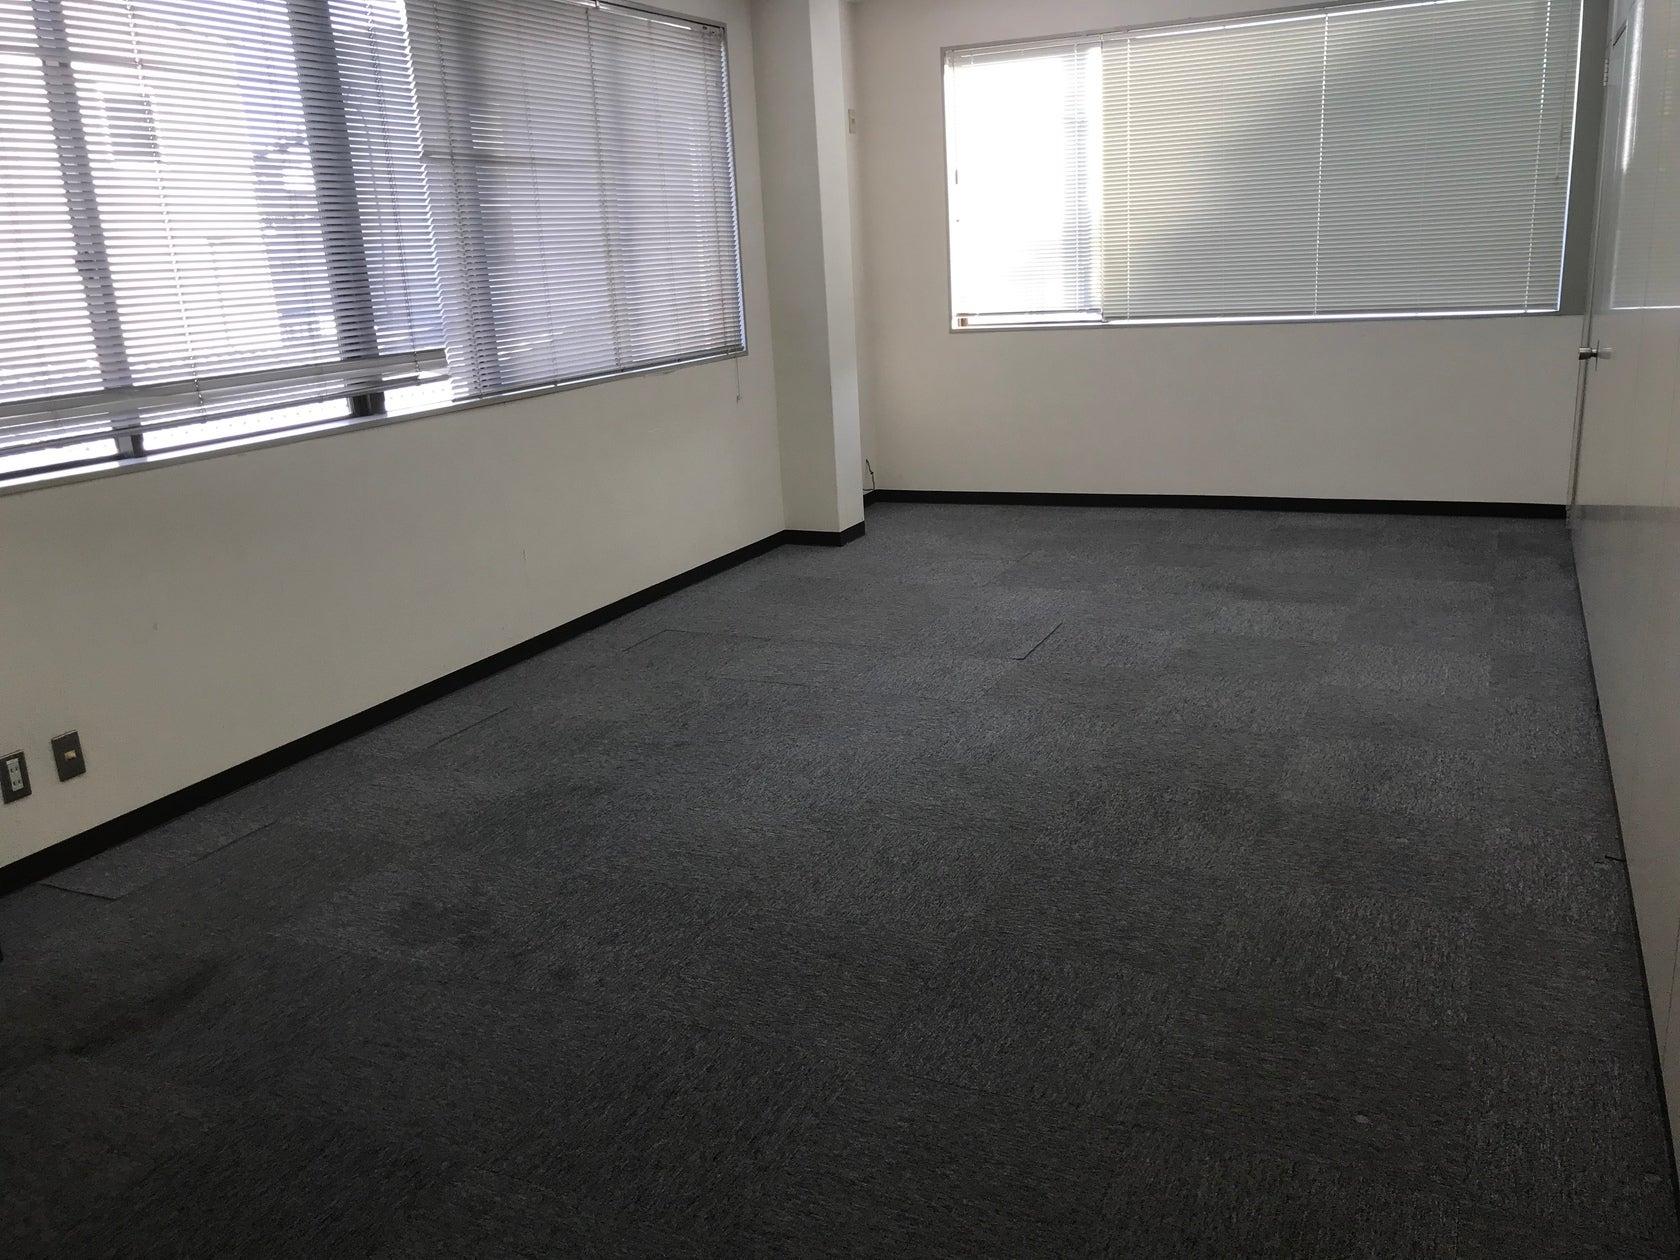 最大20名収容の日当たりが良い快適な空間!!駐車場30台完備。研修、会議、塾、倉庫、事務所などで使用できる多目的ルームです!(一階はダンス、二階は60名収容可能、研修、会議、ダンスなどで使用できる多目的ルームです!) の写真0